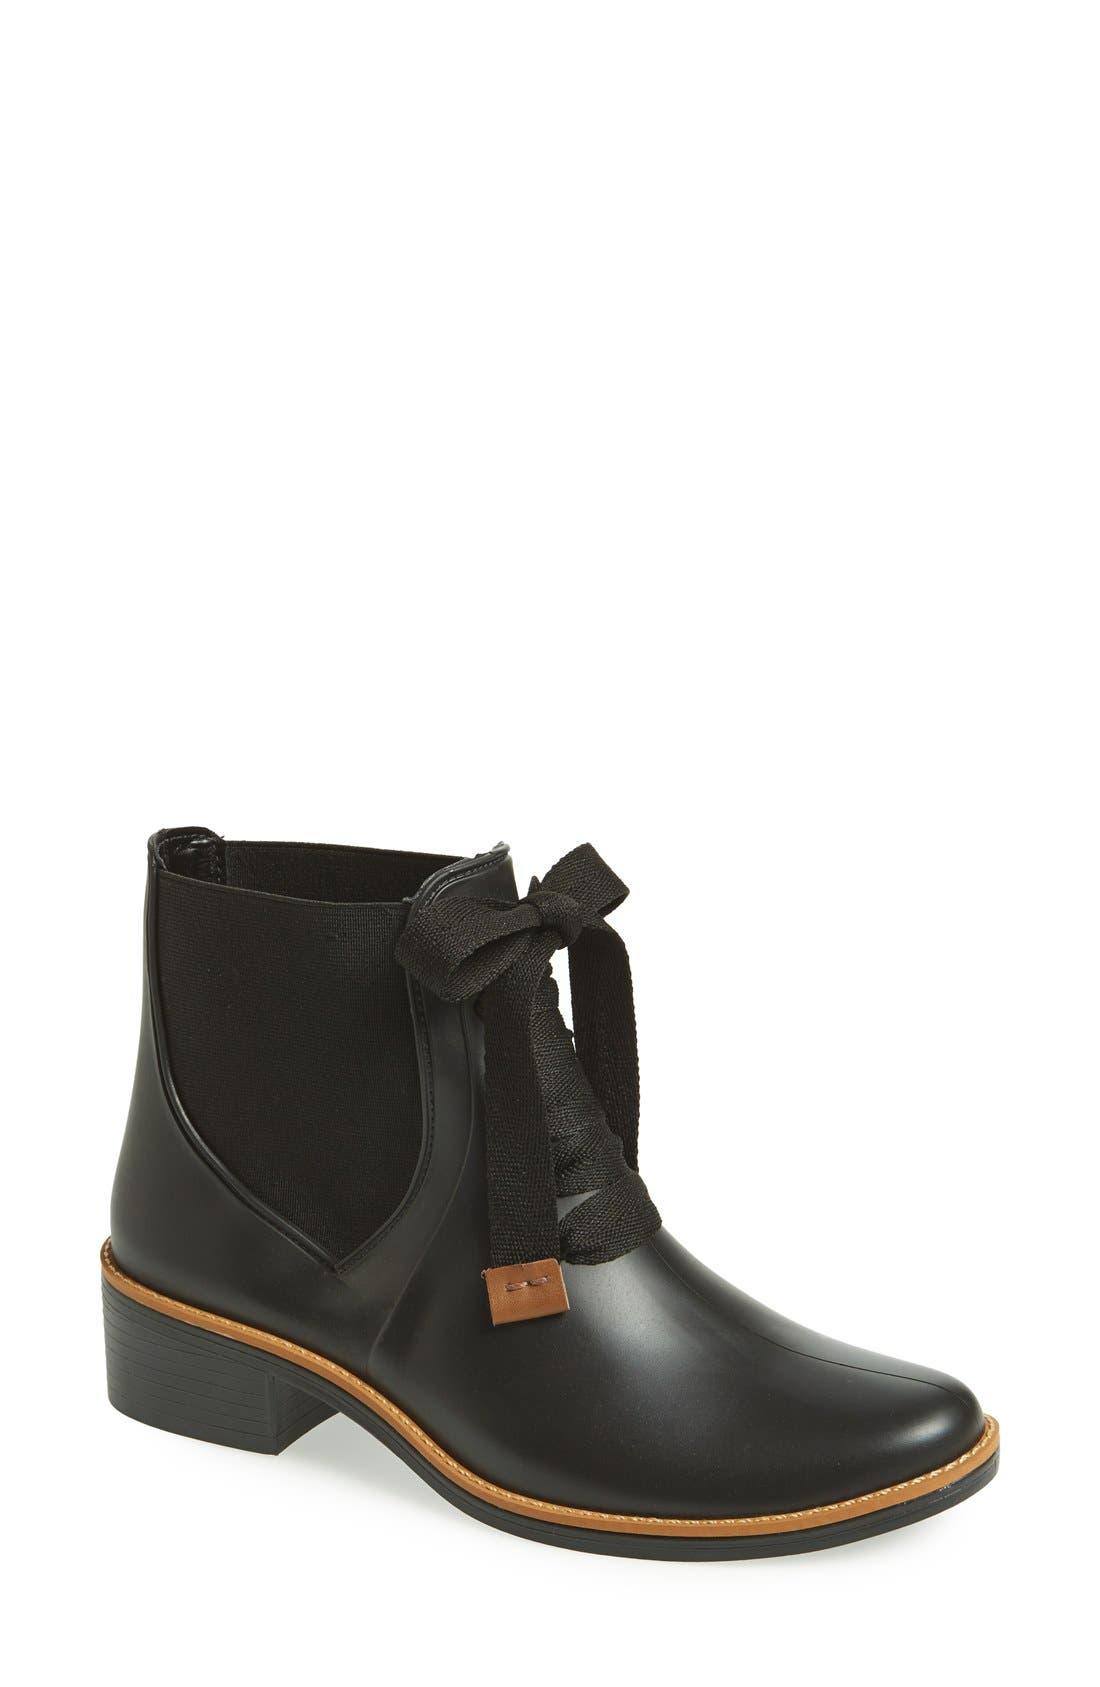 BERNARDO, Lacey Short Waterproof Rain Boot, Main thumbnail 1, color, 001